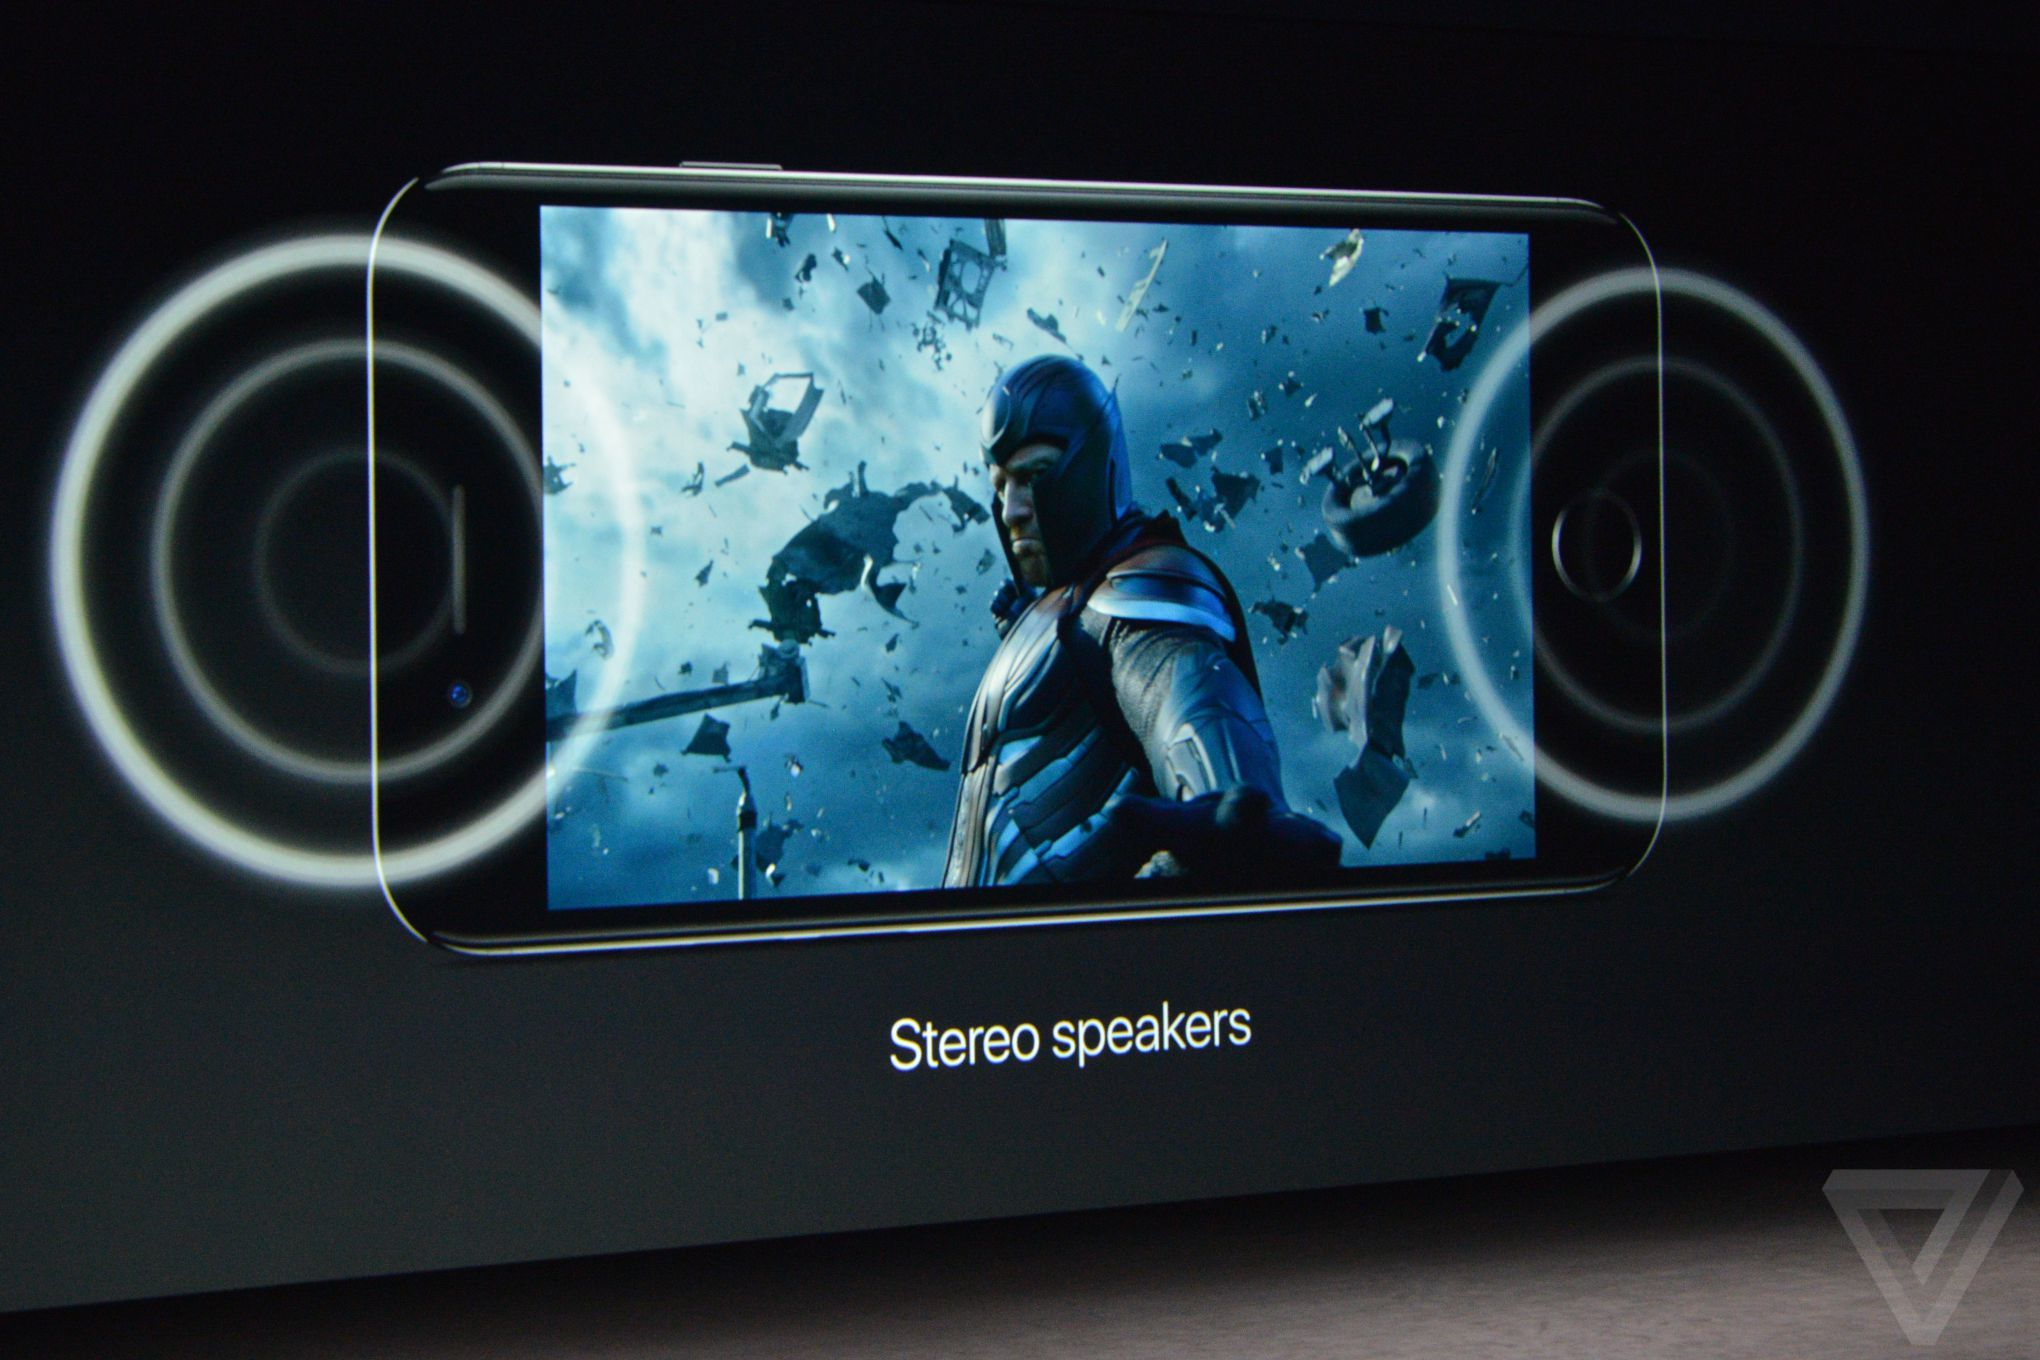 sihirli-elma-iphone-7-onemli-10-konu-15.JPG